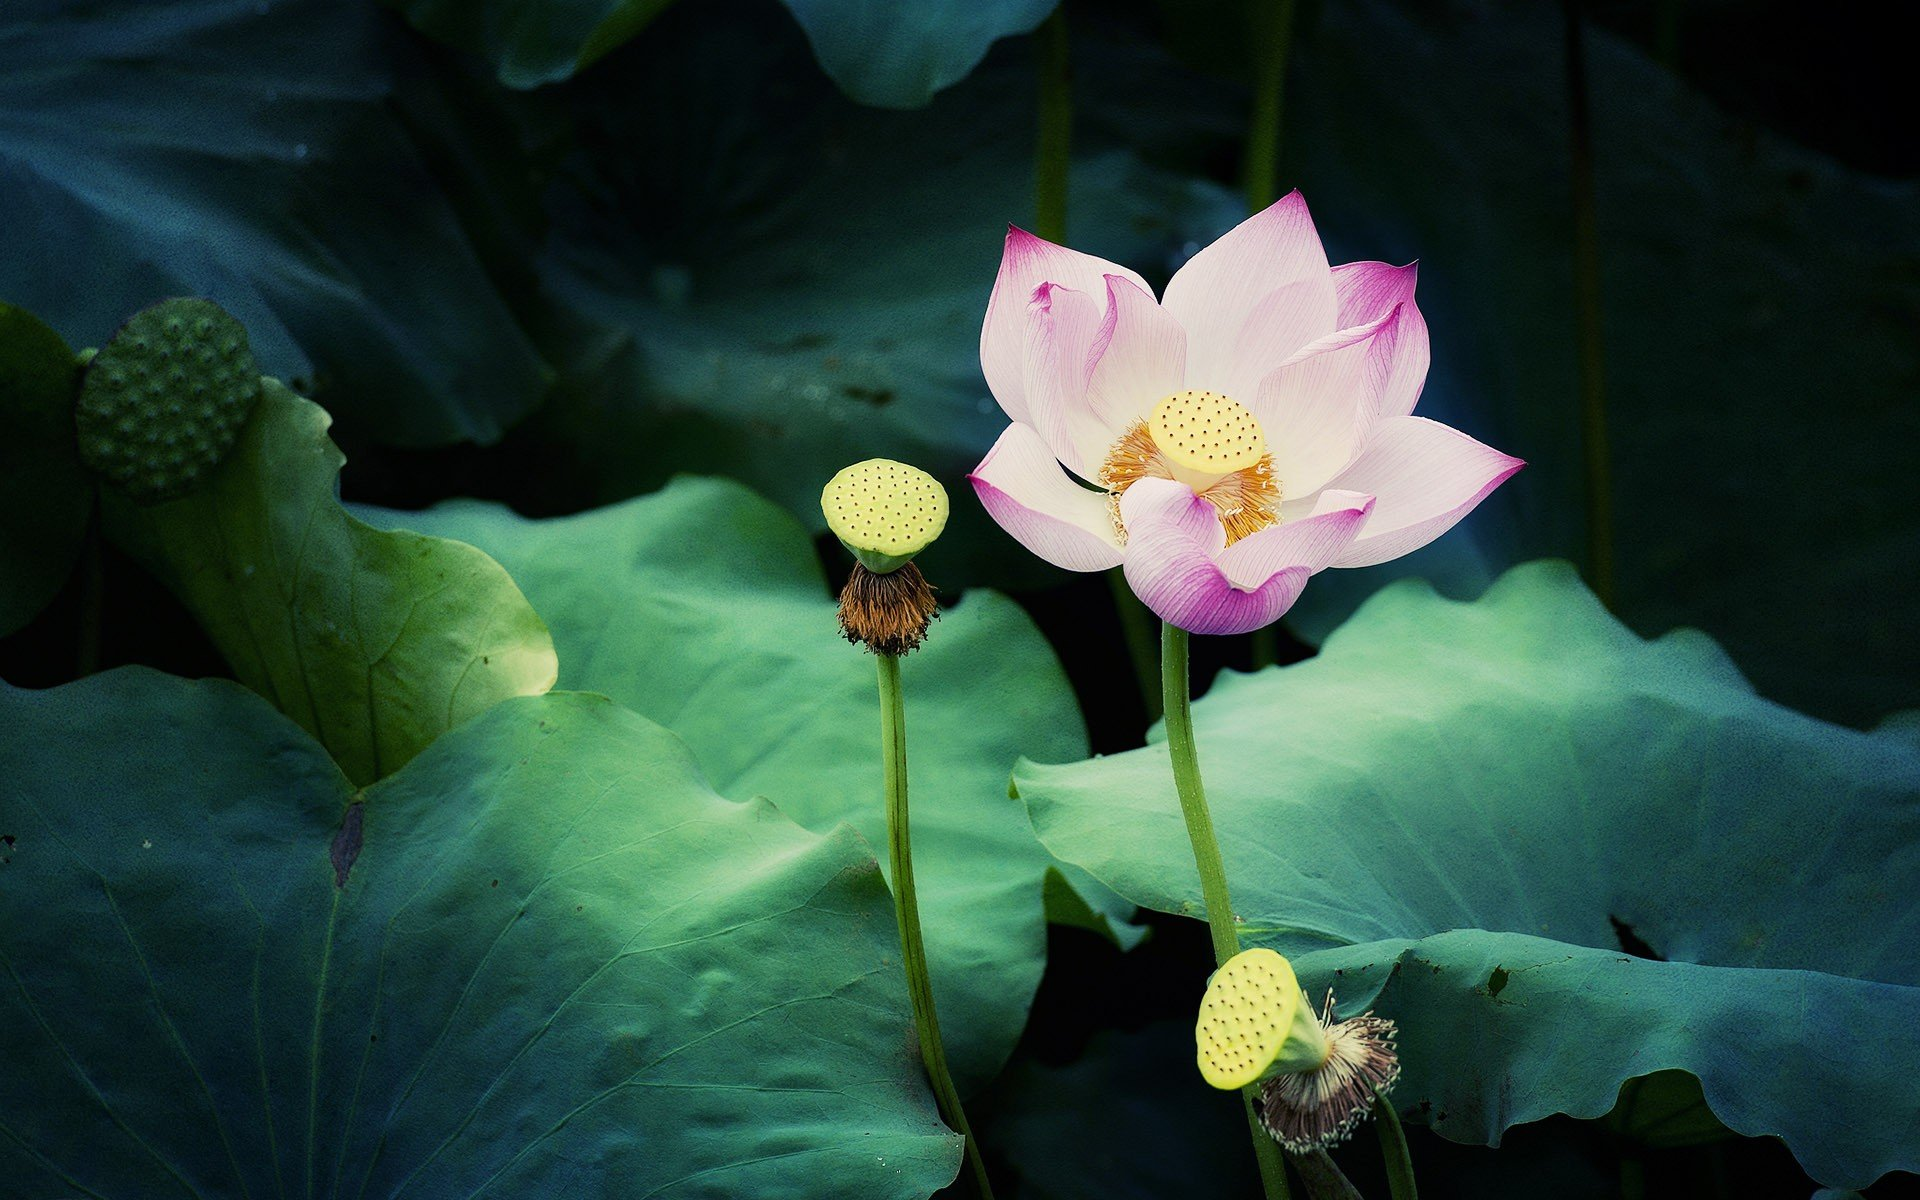 Screensaver for iphone 5 download free - Lotus Flower Iphone Wallpaper Wallpapersafari